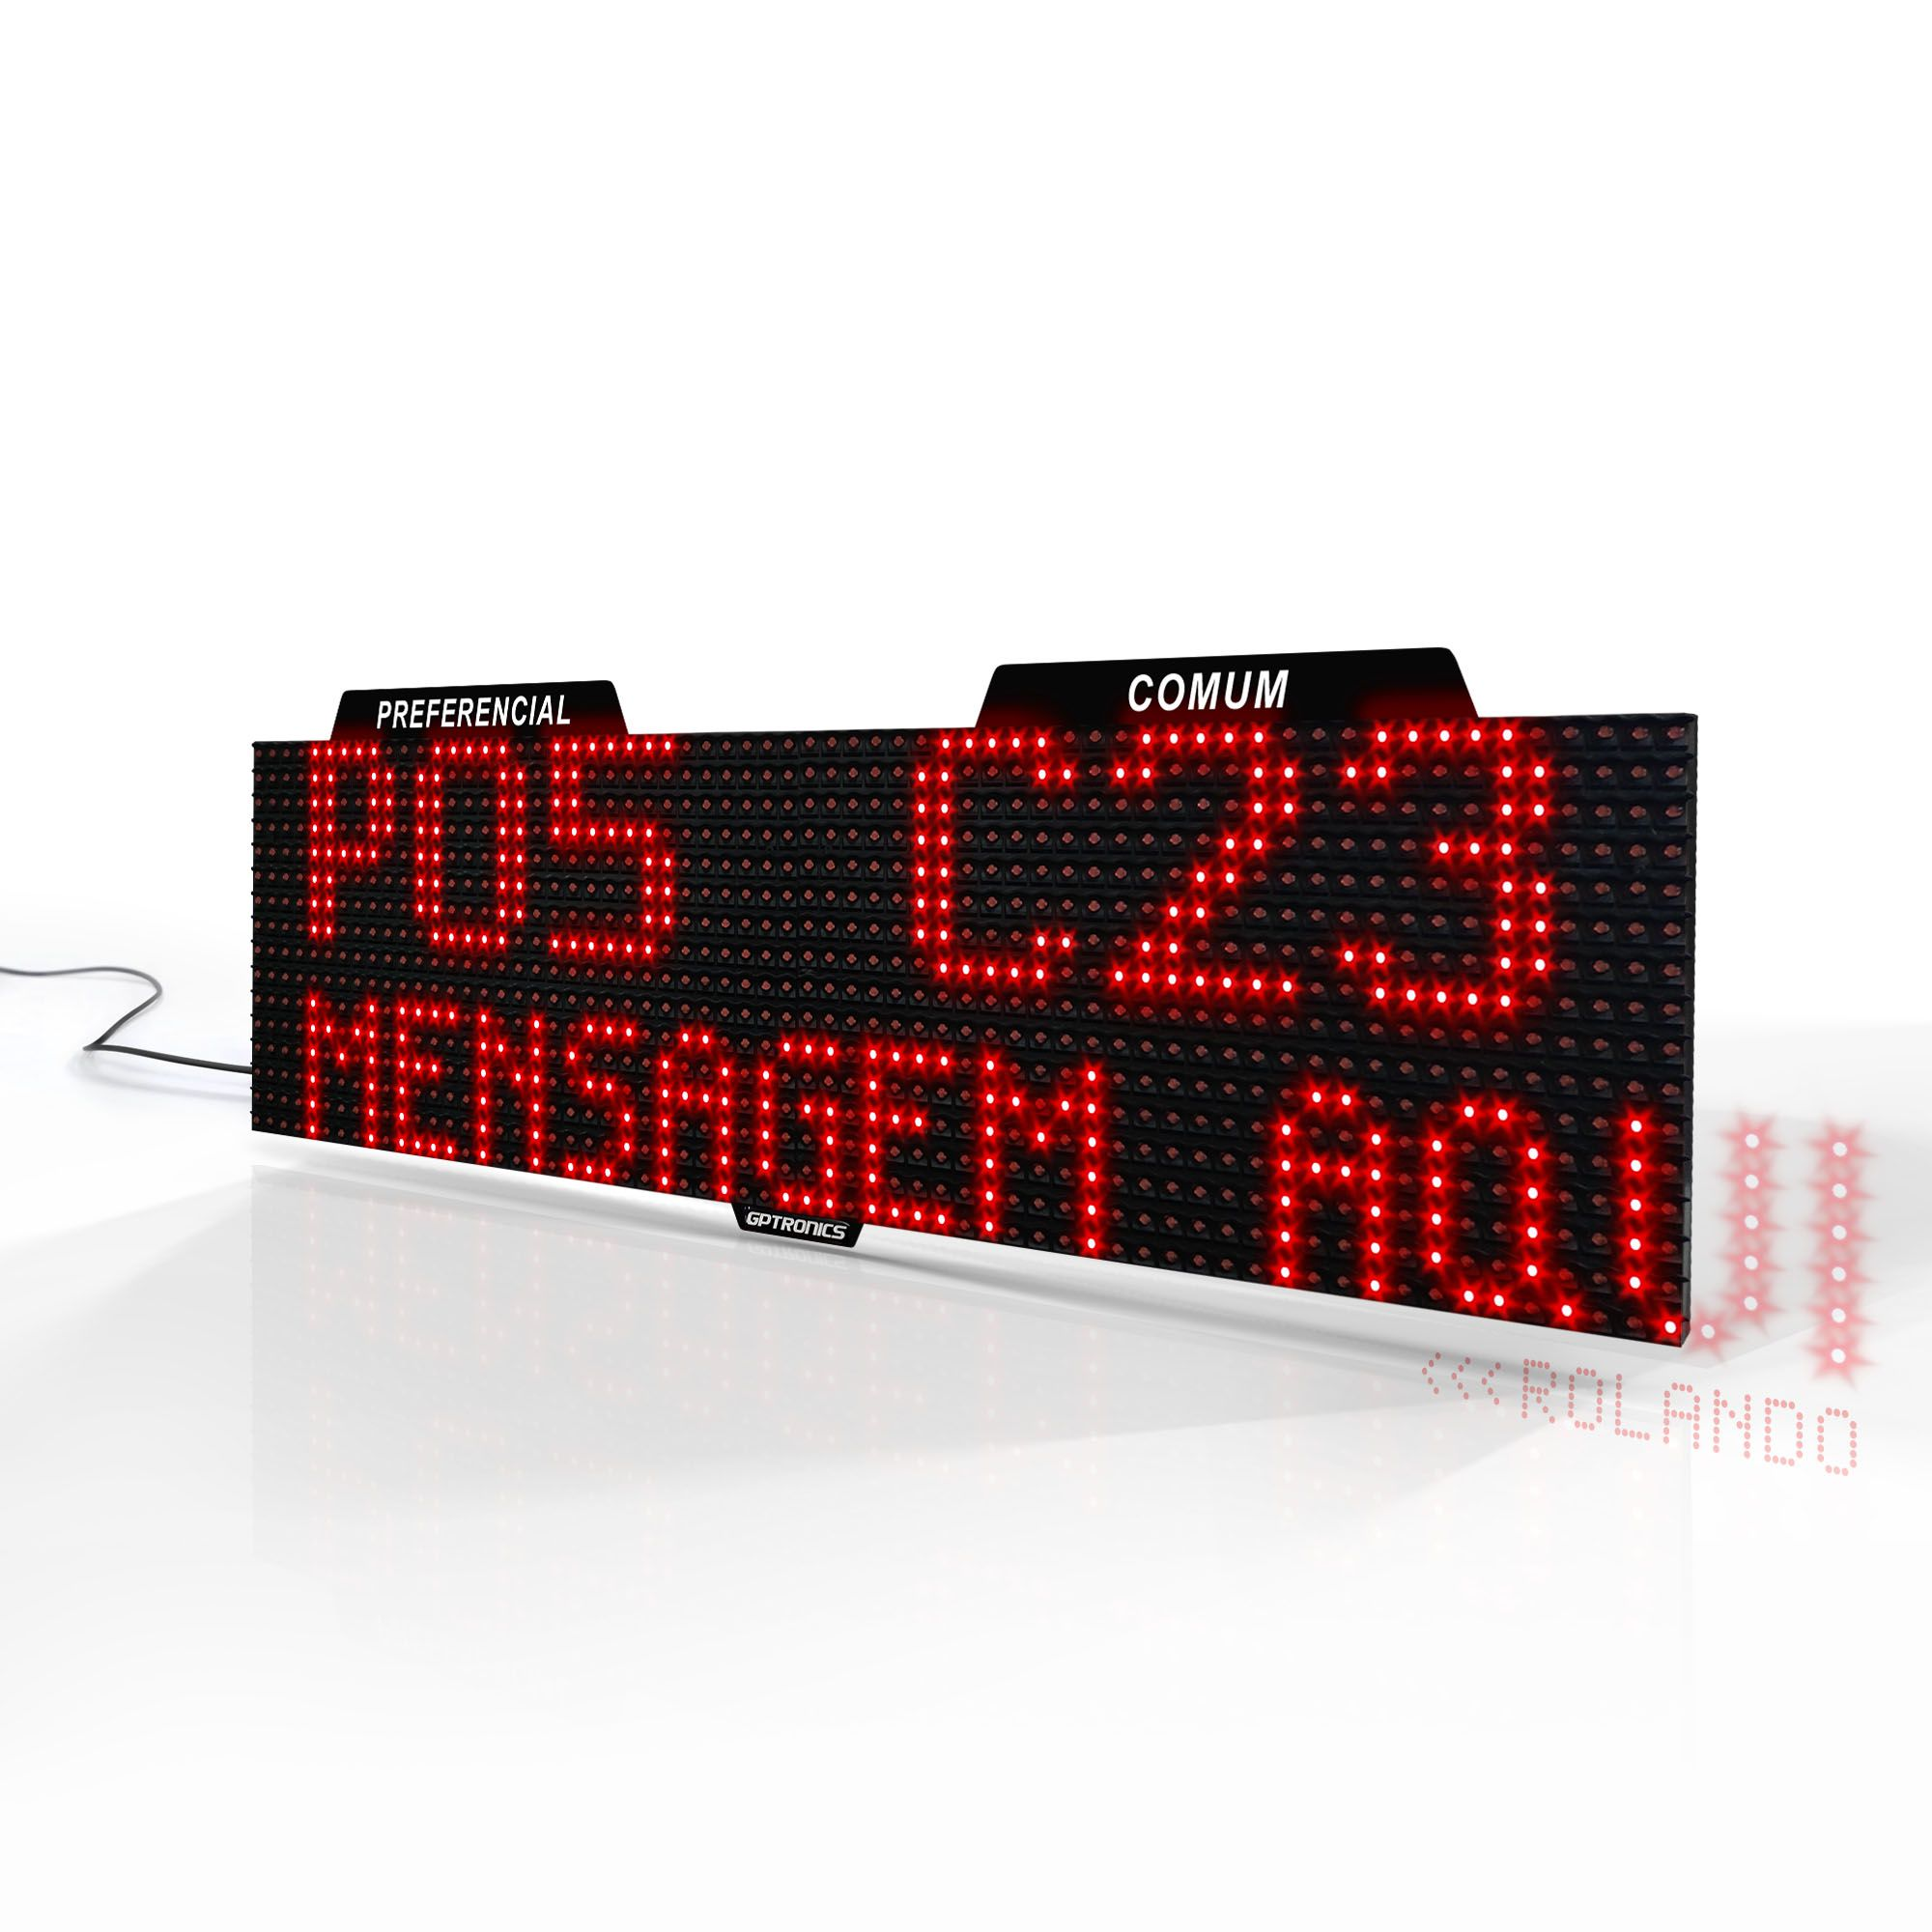 Agilize Full SD - Painel de Senhas Duplo com Mensagem e 2 Dispensadores - 64x16x4cm